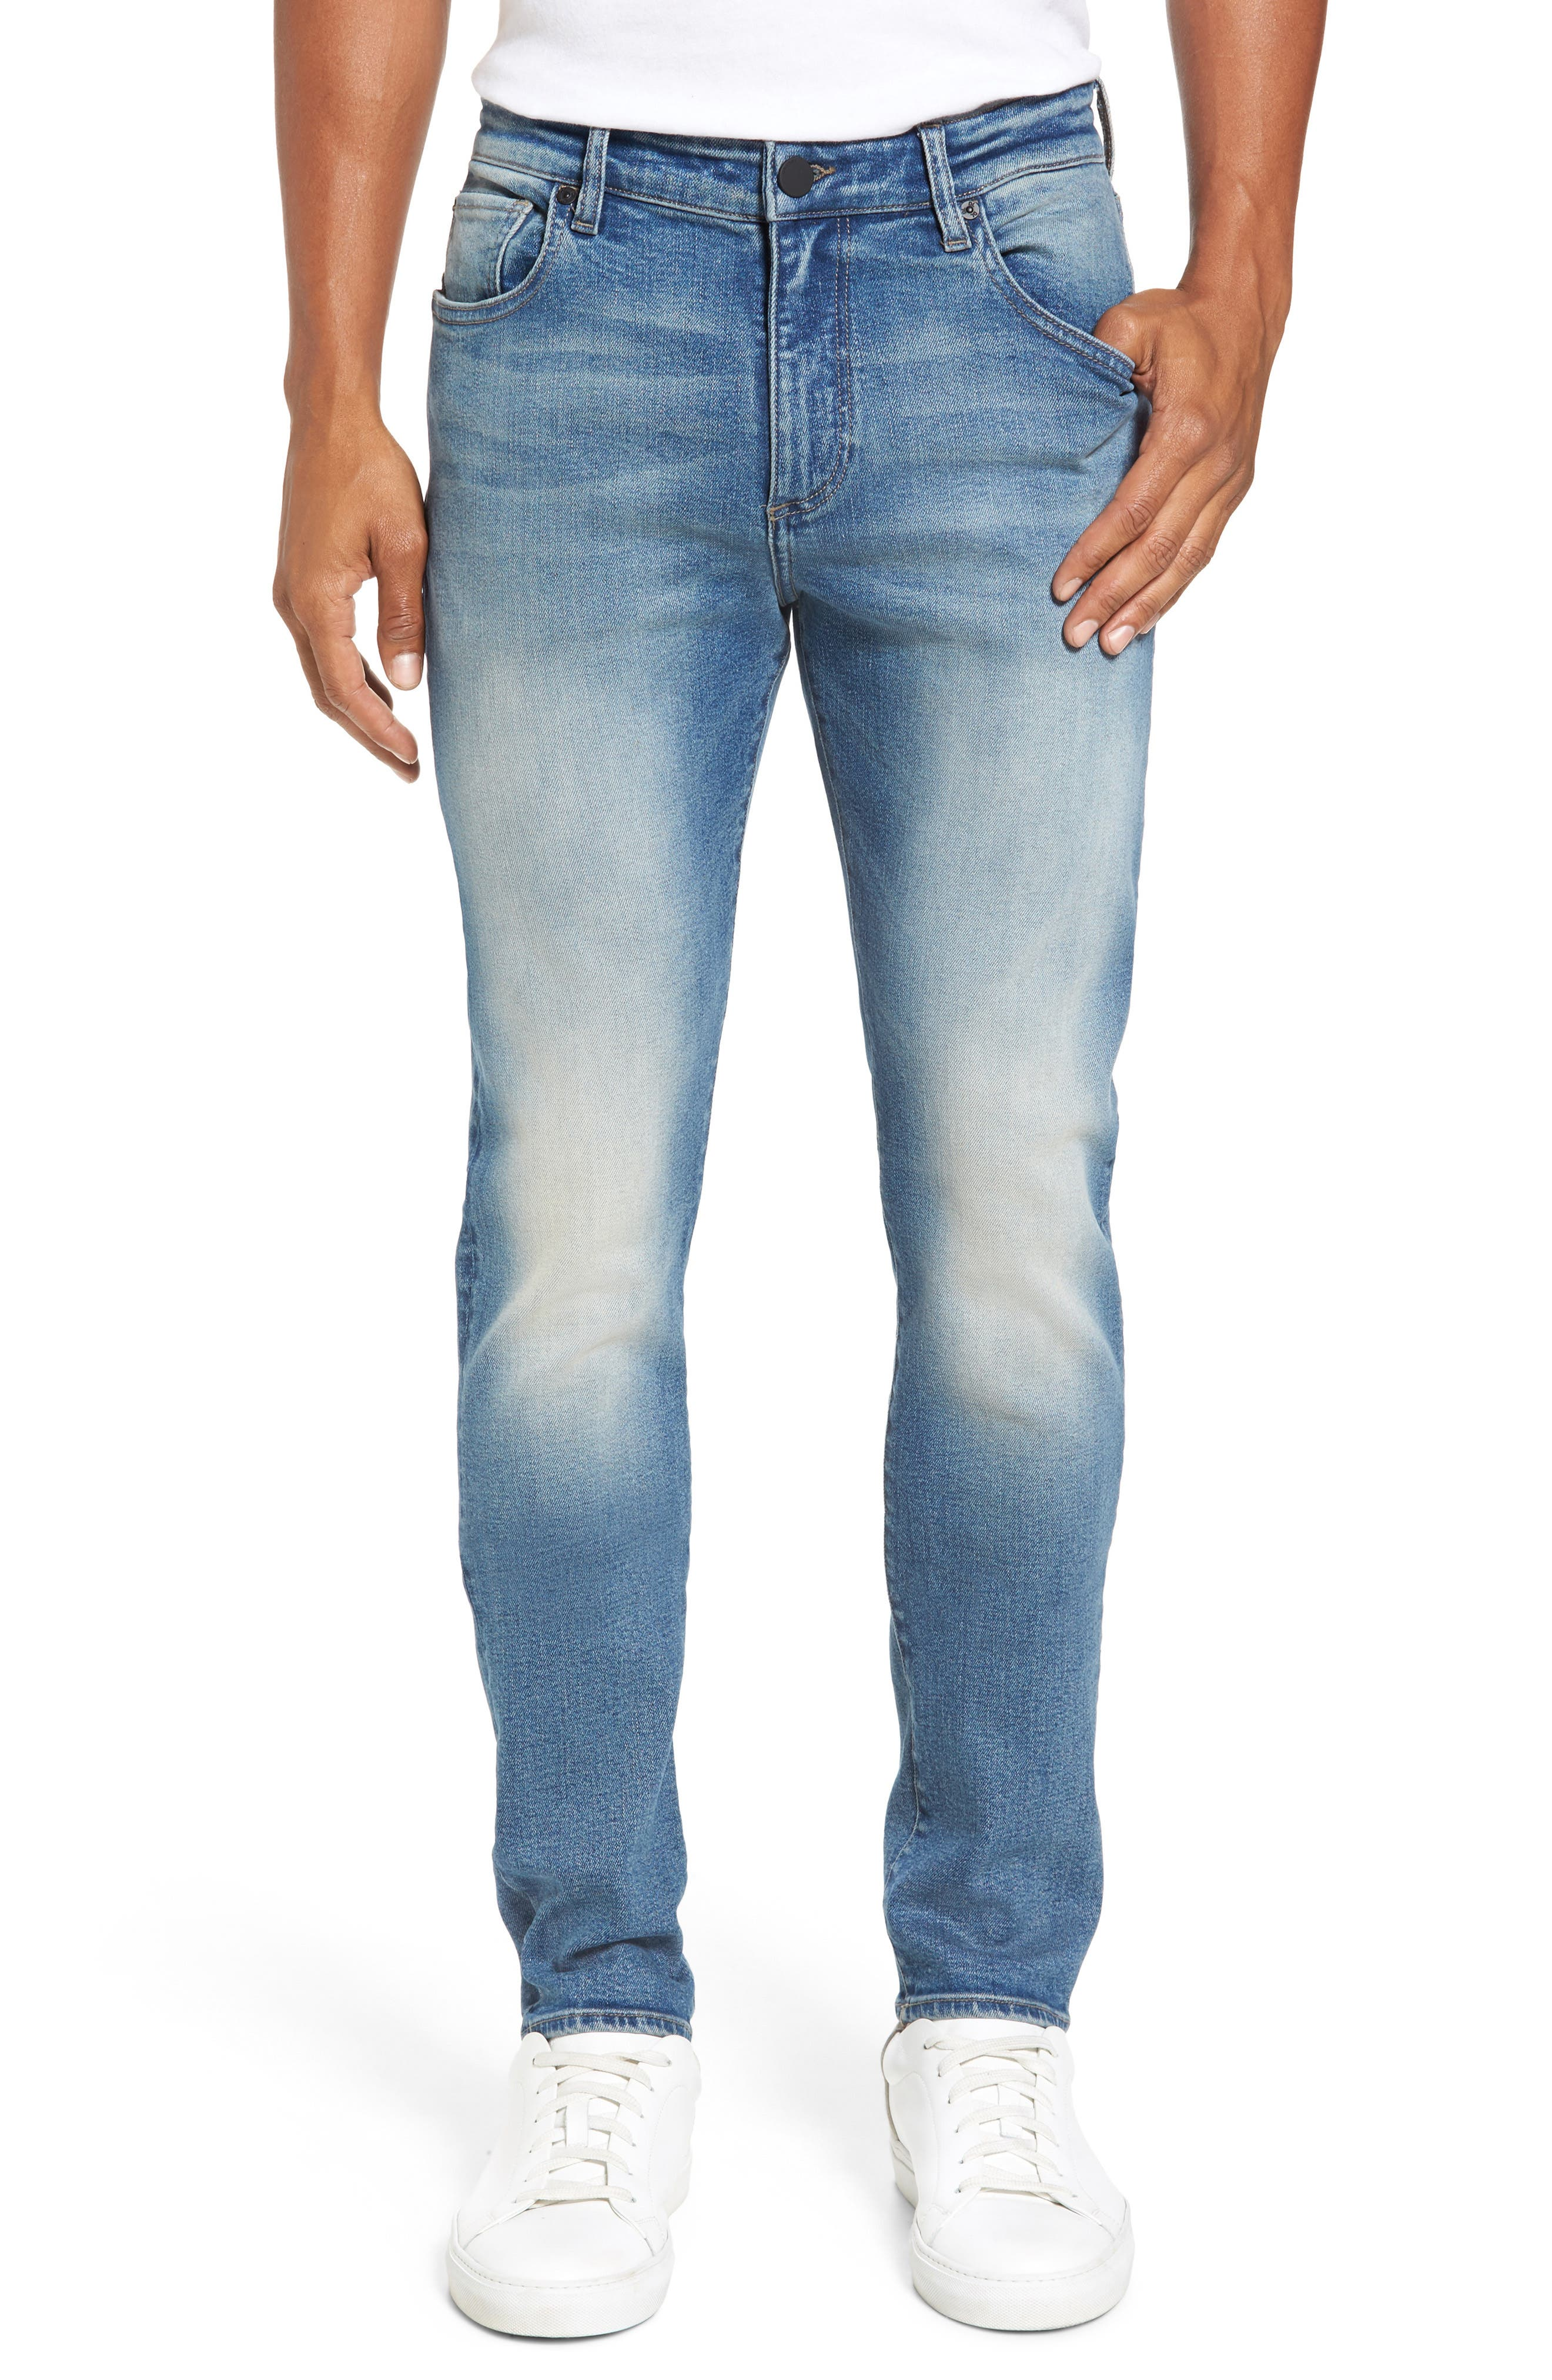 Alternate Image 1 Selected - DL1961 Hunter Skinny Jeans (Halt)